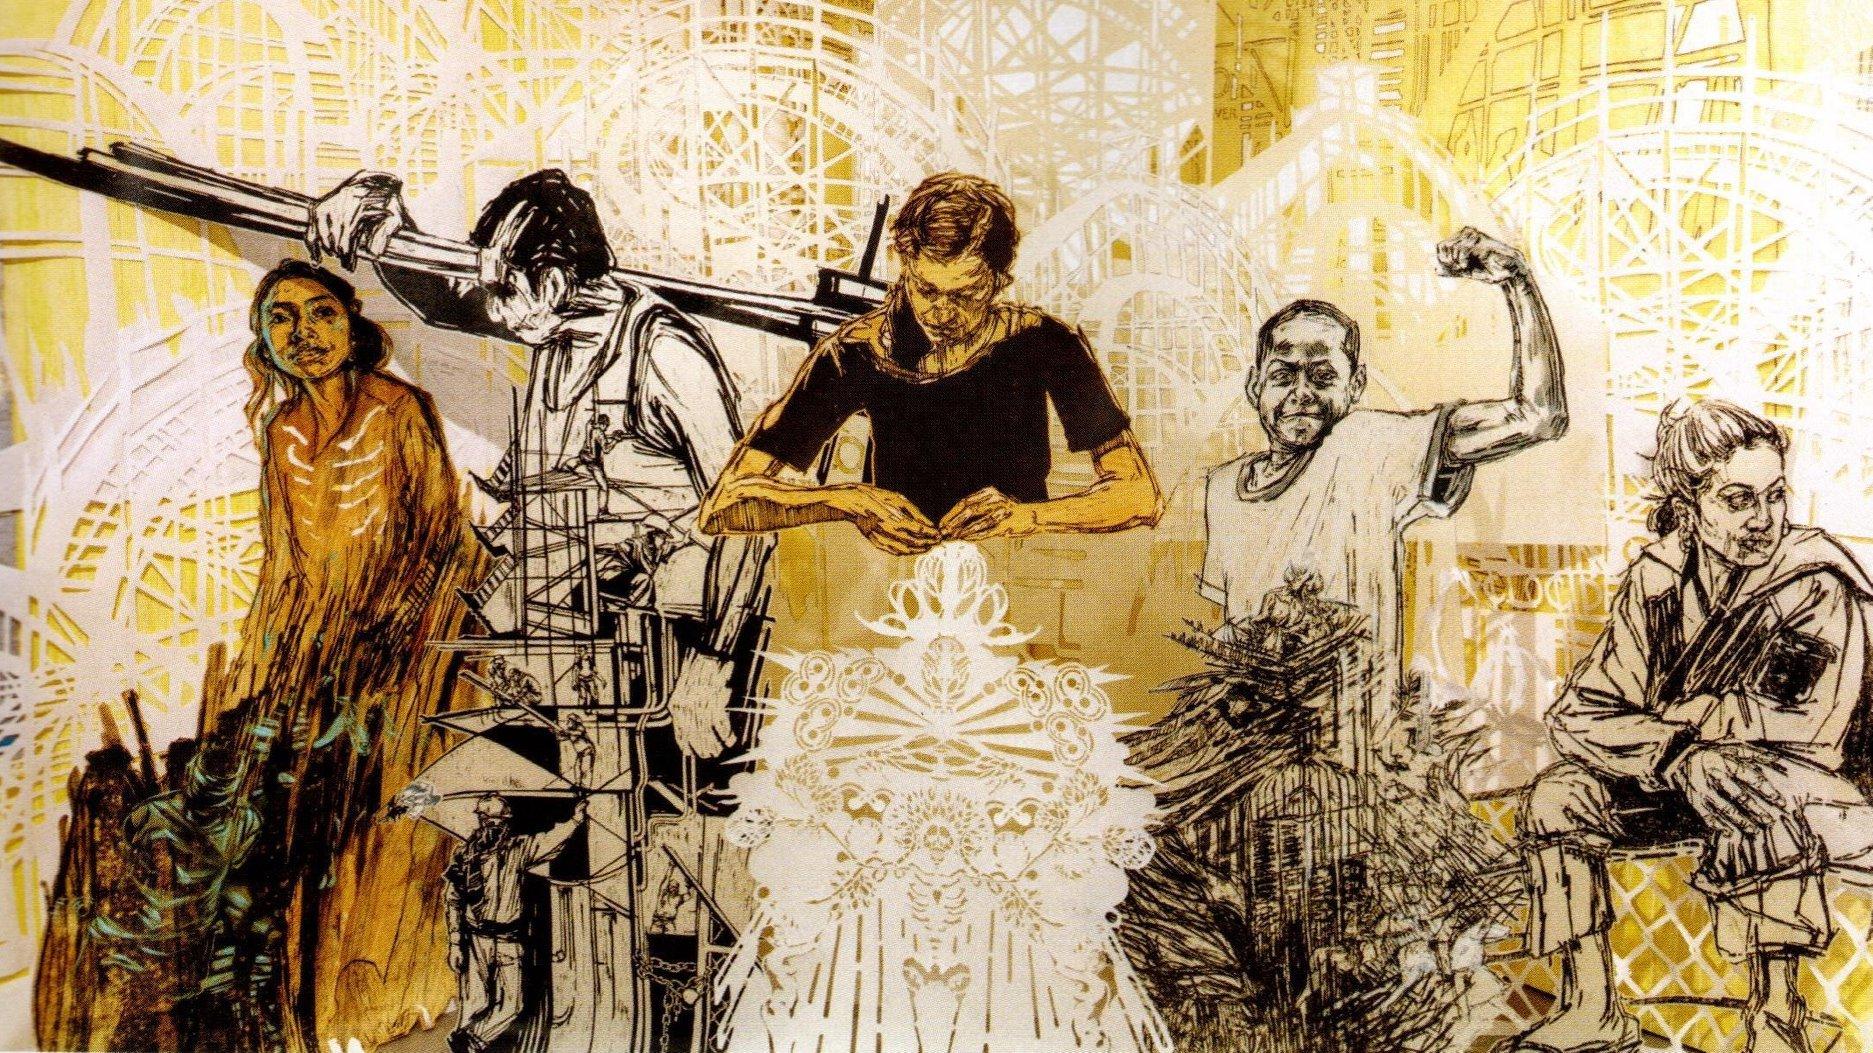 Stedelijke kunst in Fluctuart, het eerste zwevende stedelijke kunstcentrum